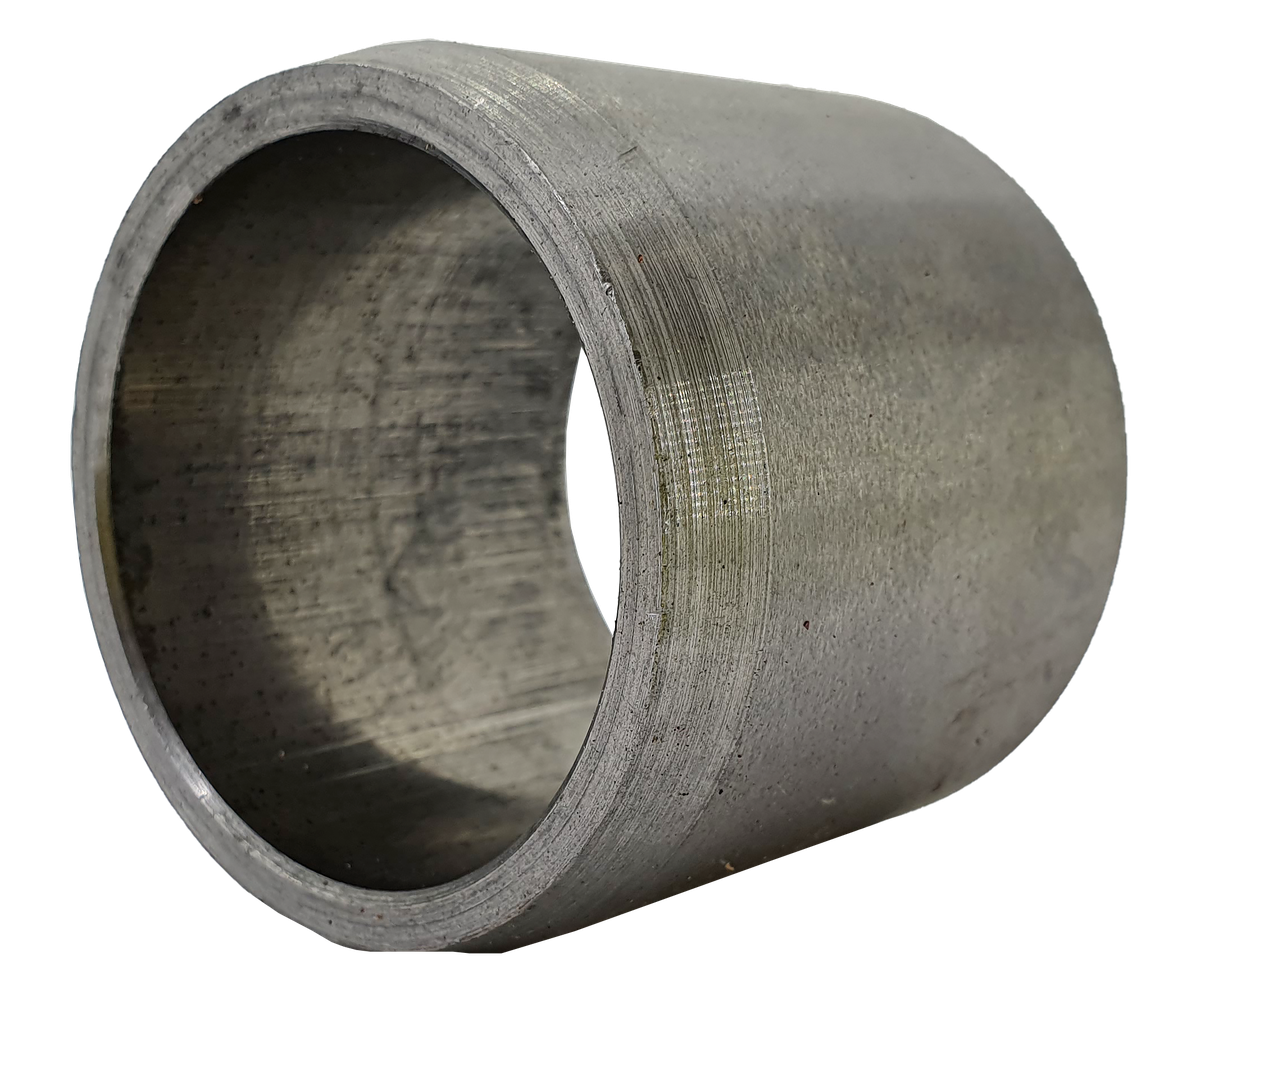 Втулка оси качения МТЗ-80, 1025, 1221, 1523, ЮМЗ-6 (L=54 мм, D=50 мм/60мм)